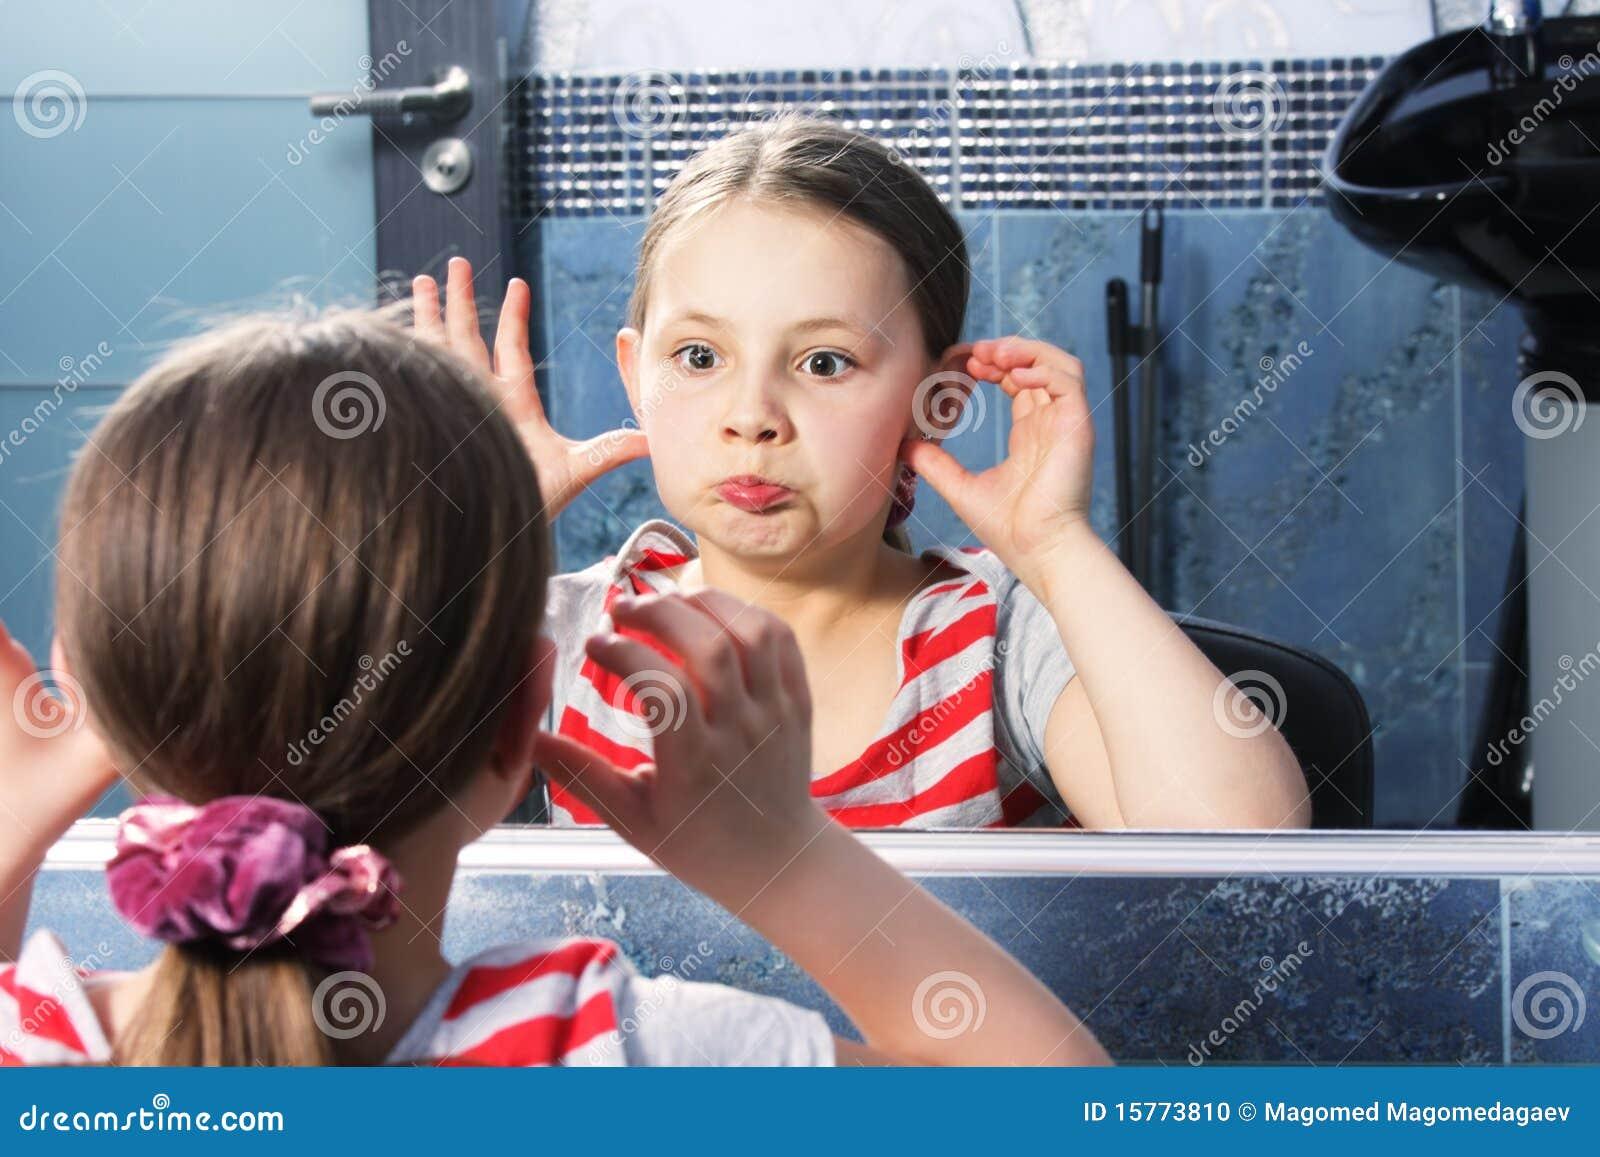 Ragazza che fa smorfie allo specchio fotografia stock - Ragazza davanti allo specchio ...